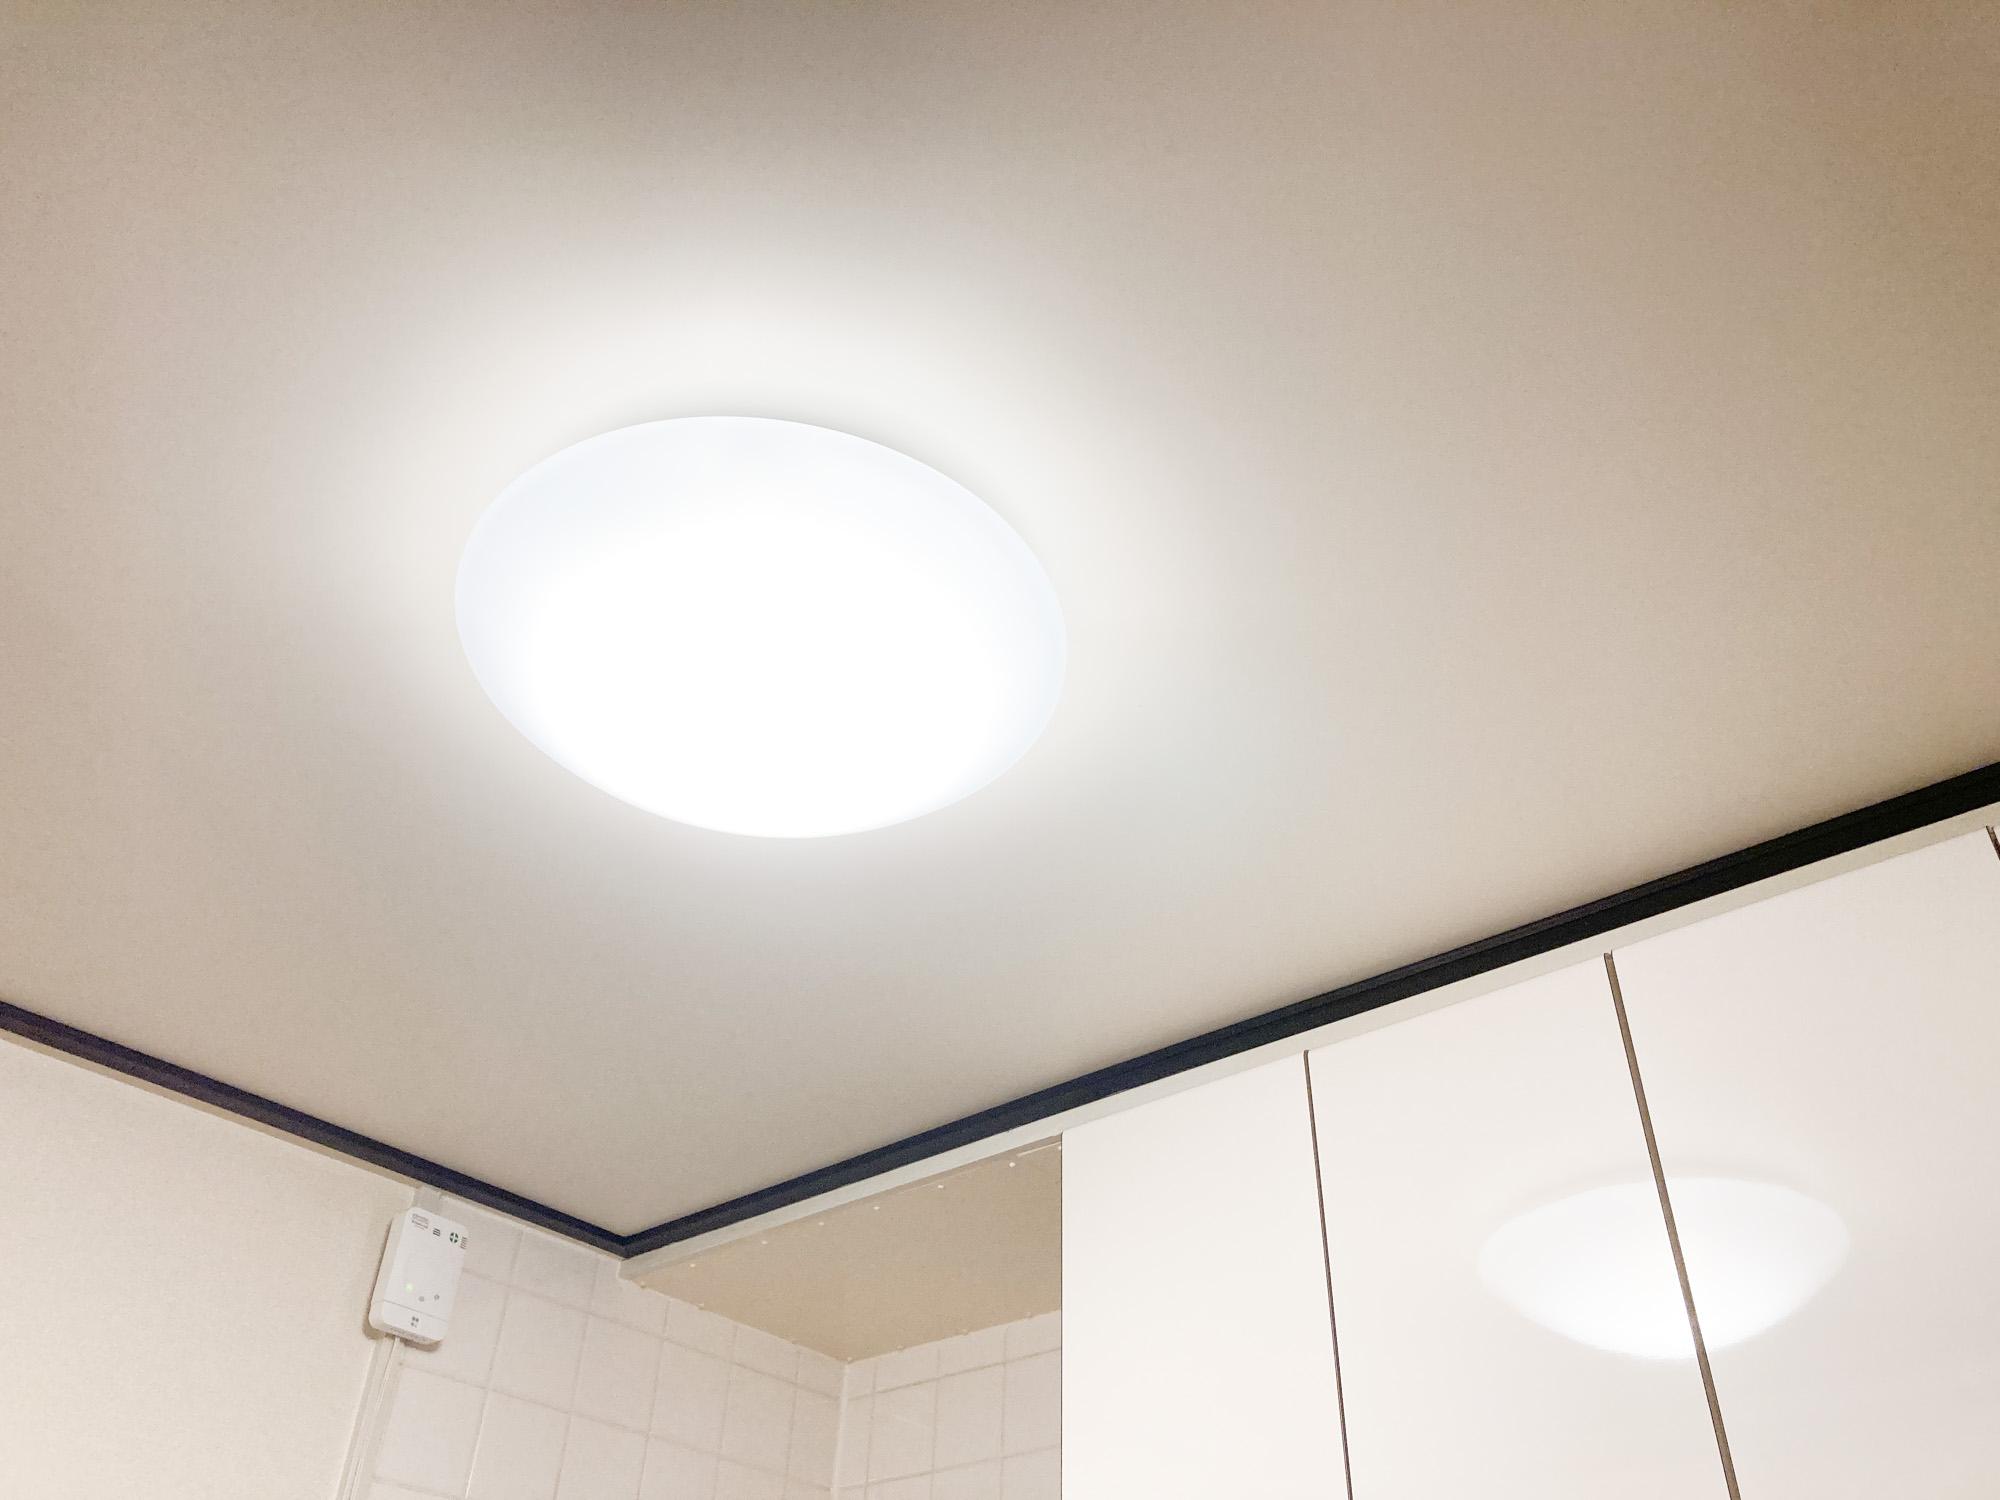 シーリングライトとは、天井に直に取り付けられたご覧のような照明のこと。広範囲を明るく照らせるため、1Kやワンルームのお部屋でつけられていることが多いですが、部屋全体が単調に見えてしまうことも。